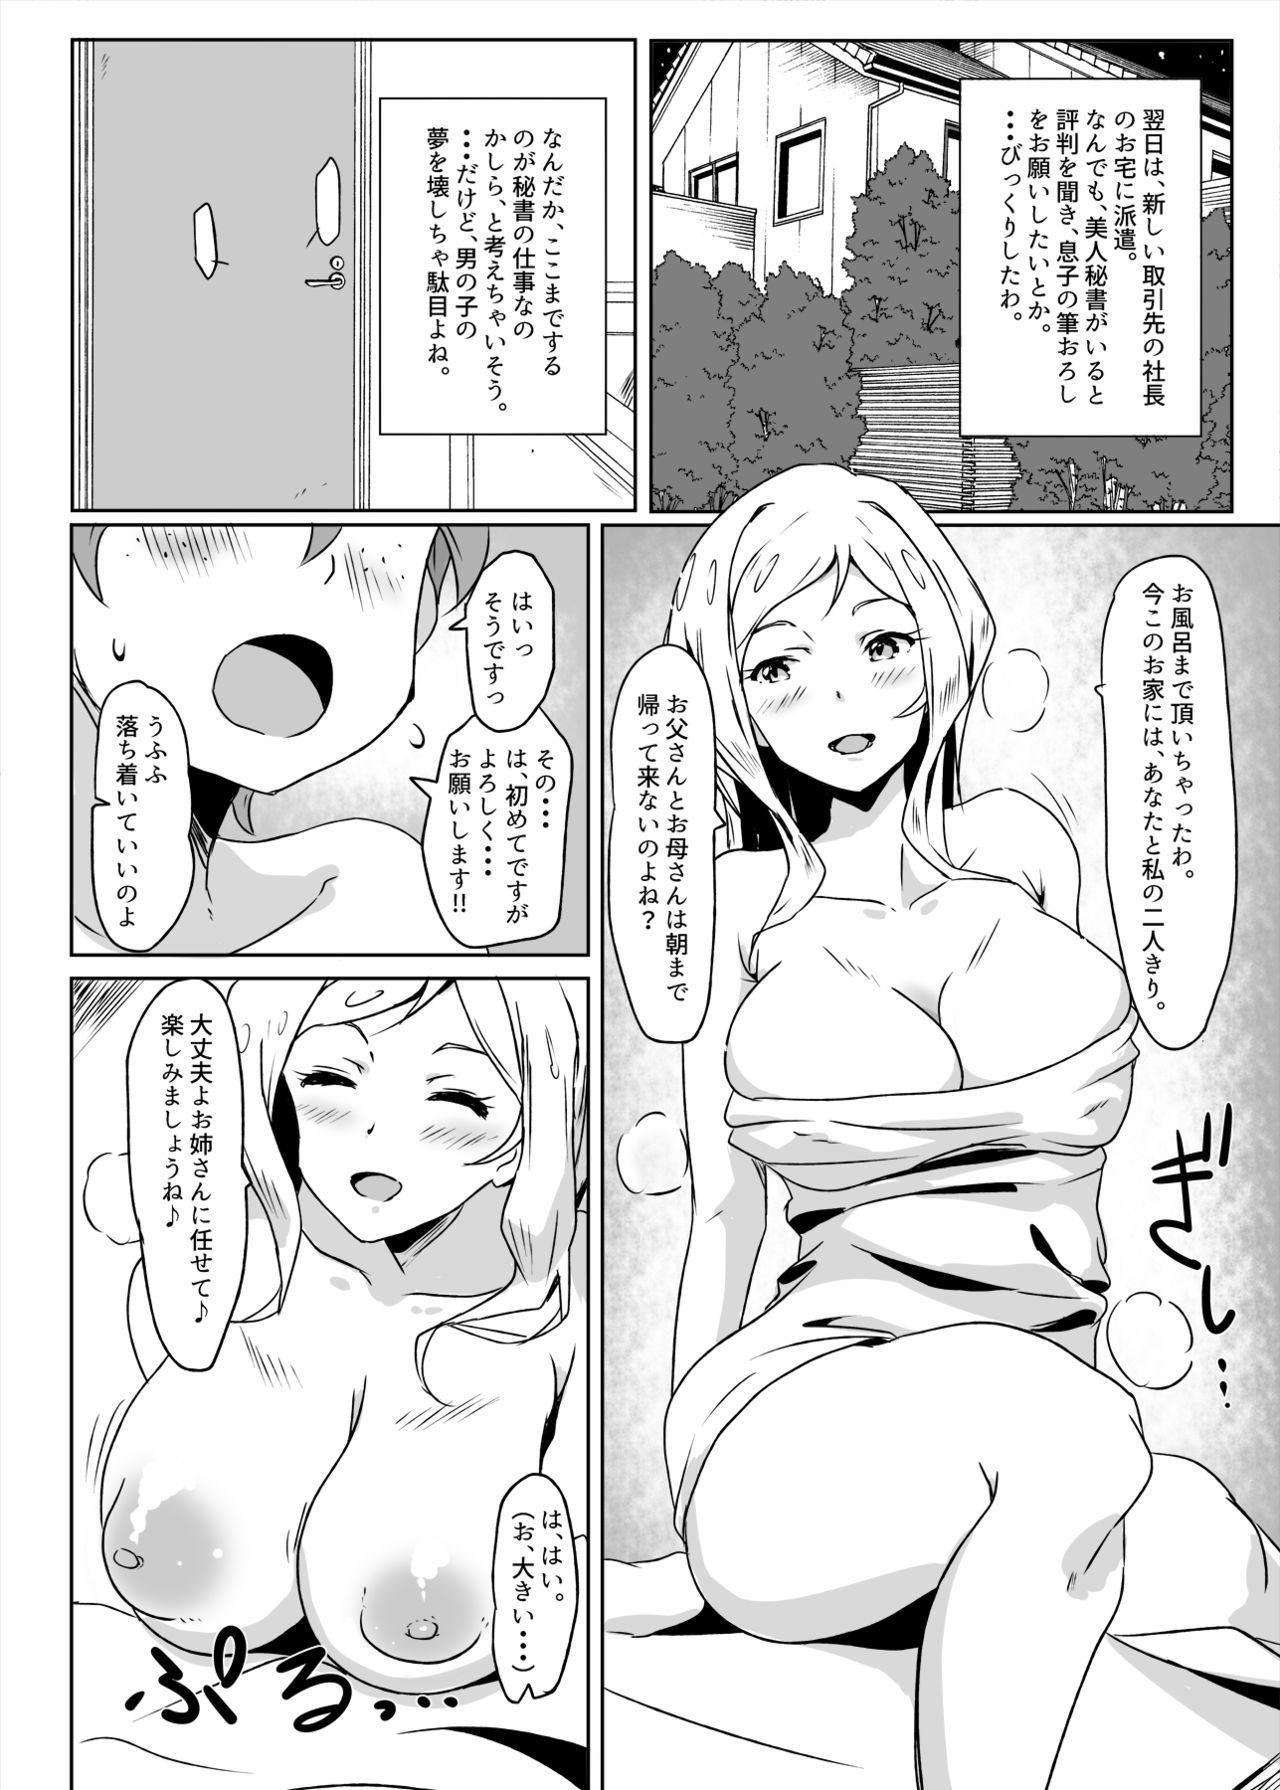 Momose Hisho Ni Omakase Shiyou. 10